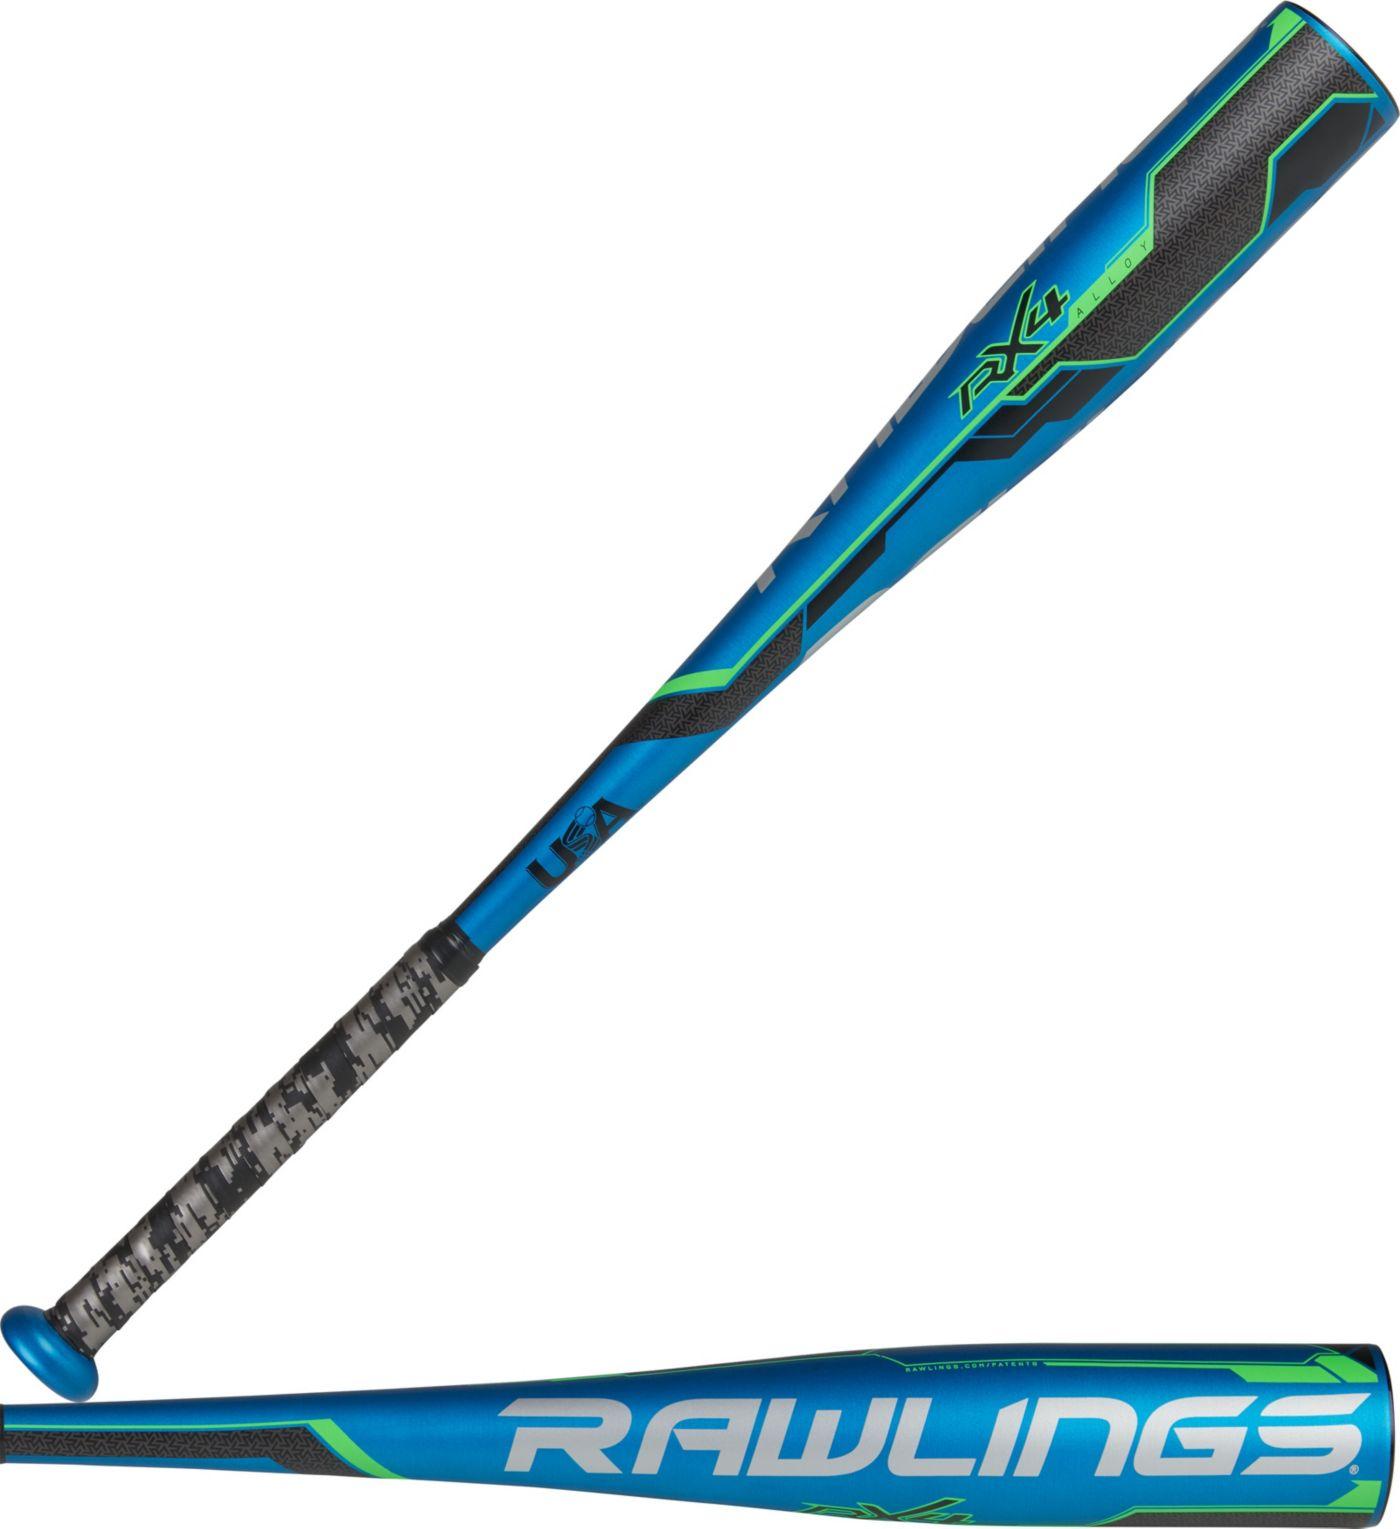 Rawlings RX4 USA Youth Bat 2018 (-8)